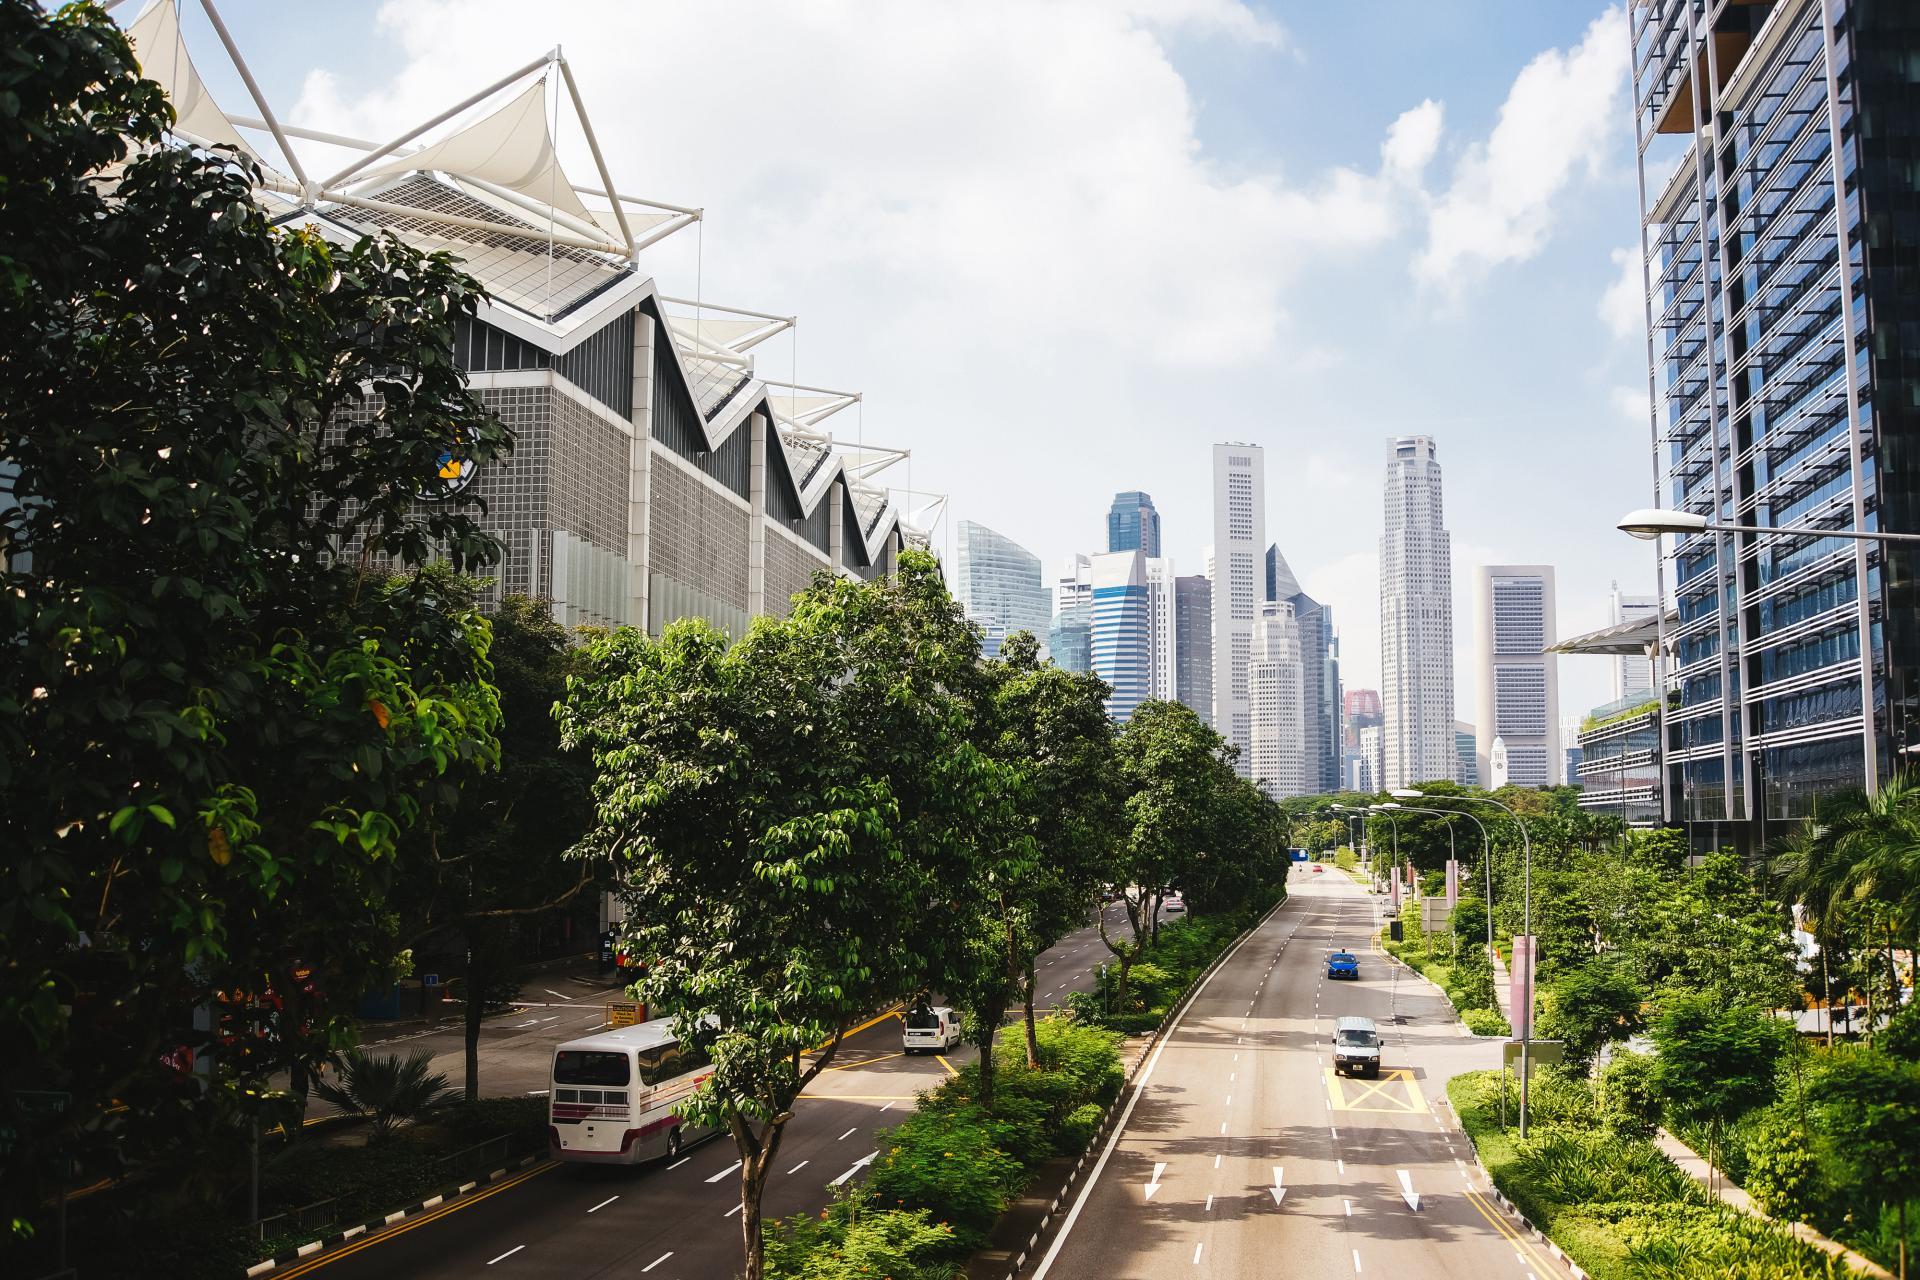 Regierung will mehr Öko-Energie im Verkehr